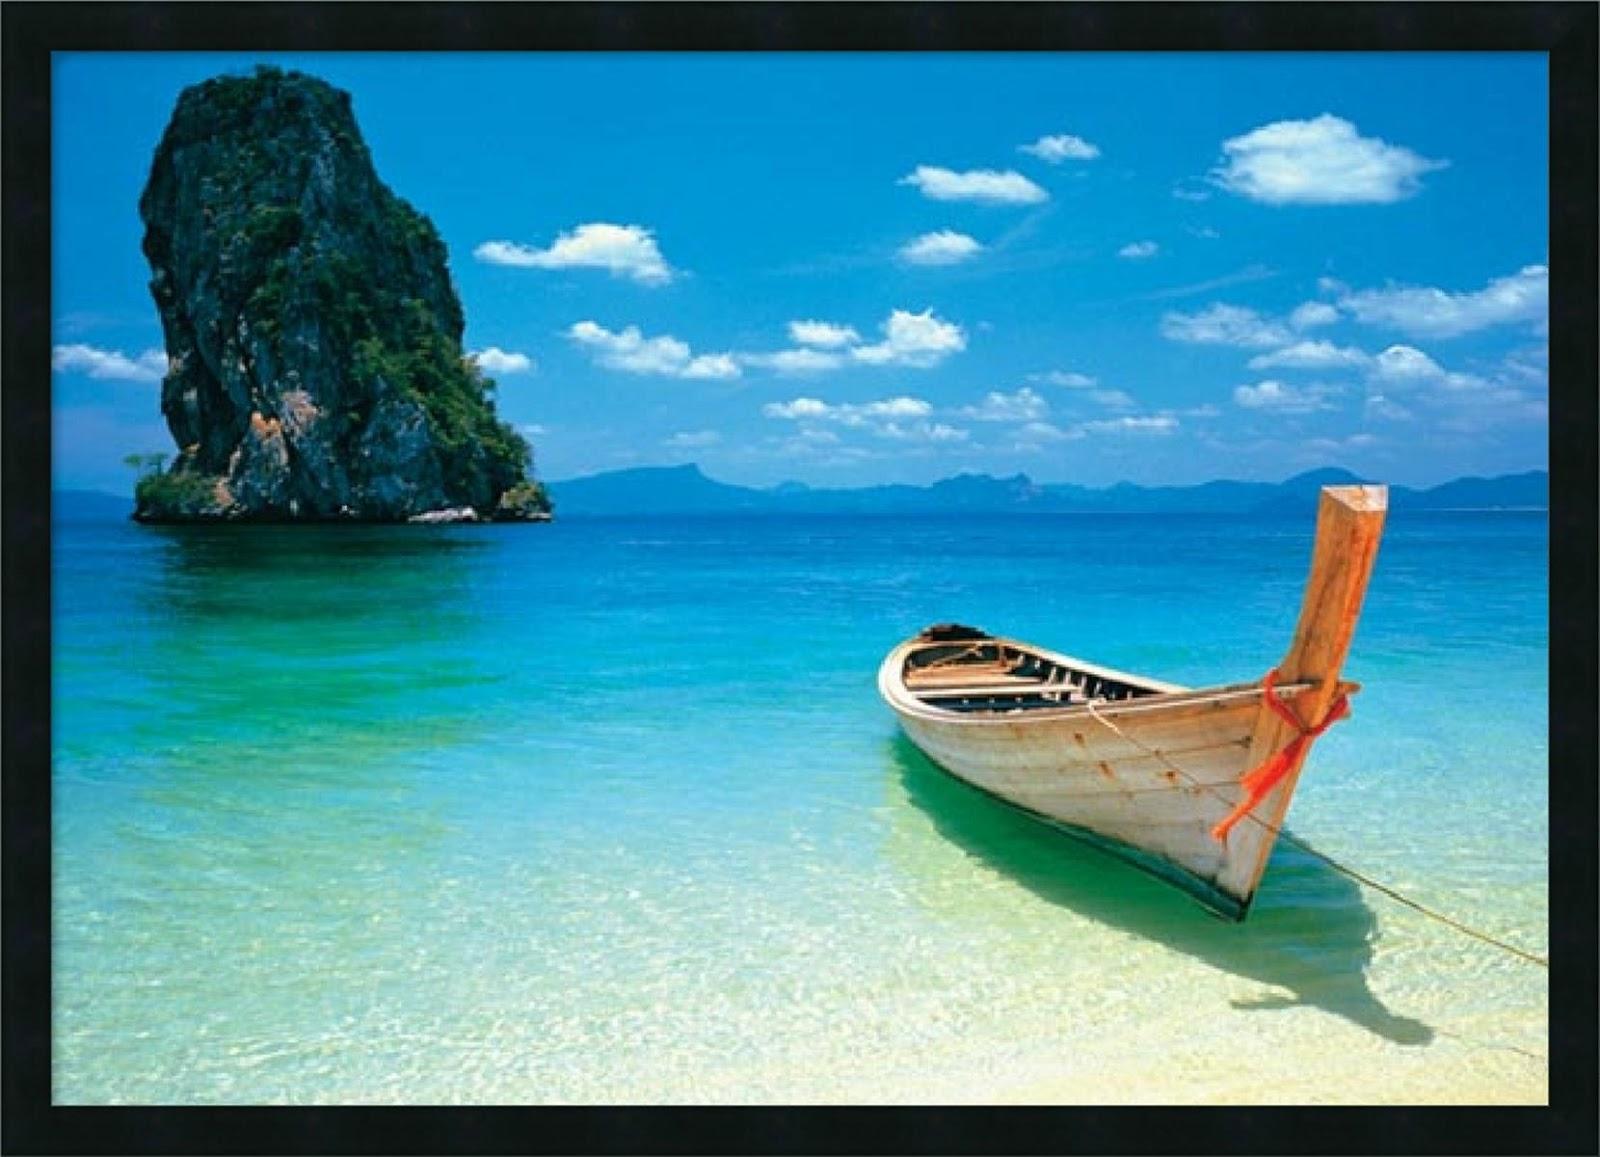 Коста бланка отель гранд отель бали вьетнам